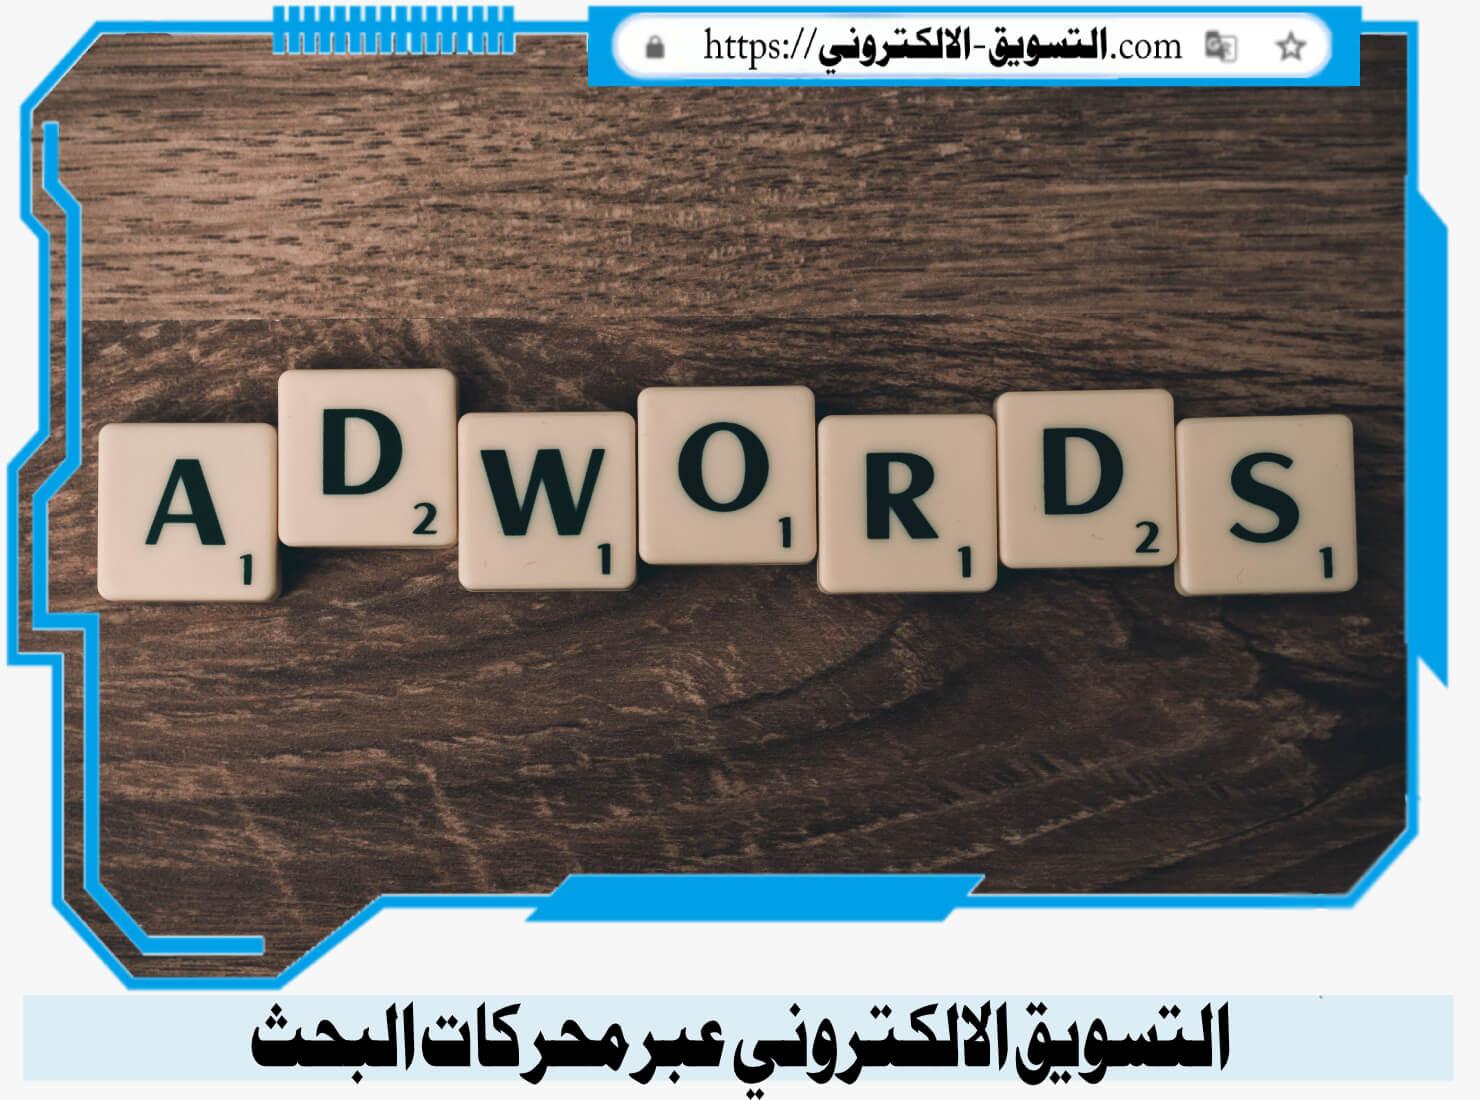 التسويق الالكتروني عبر محركات البحث